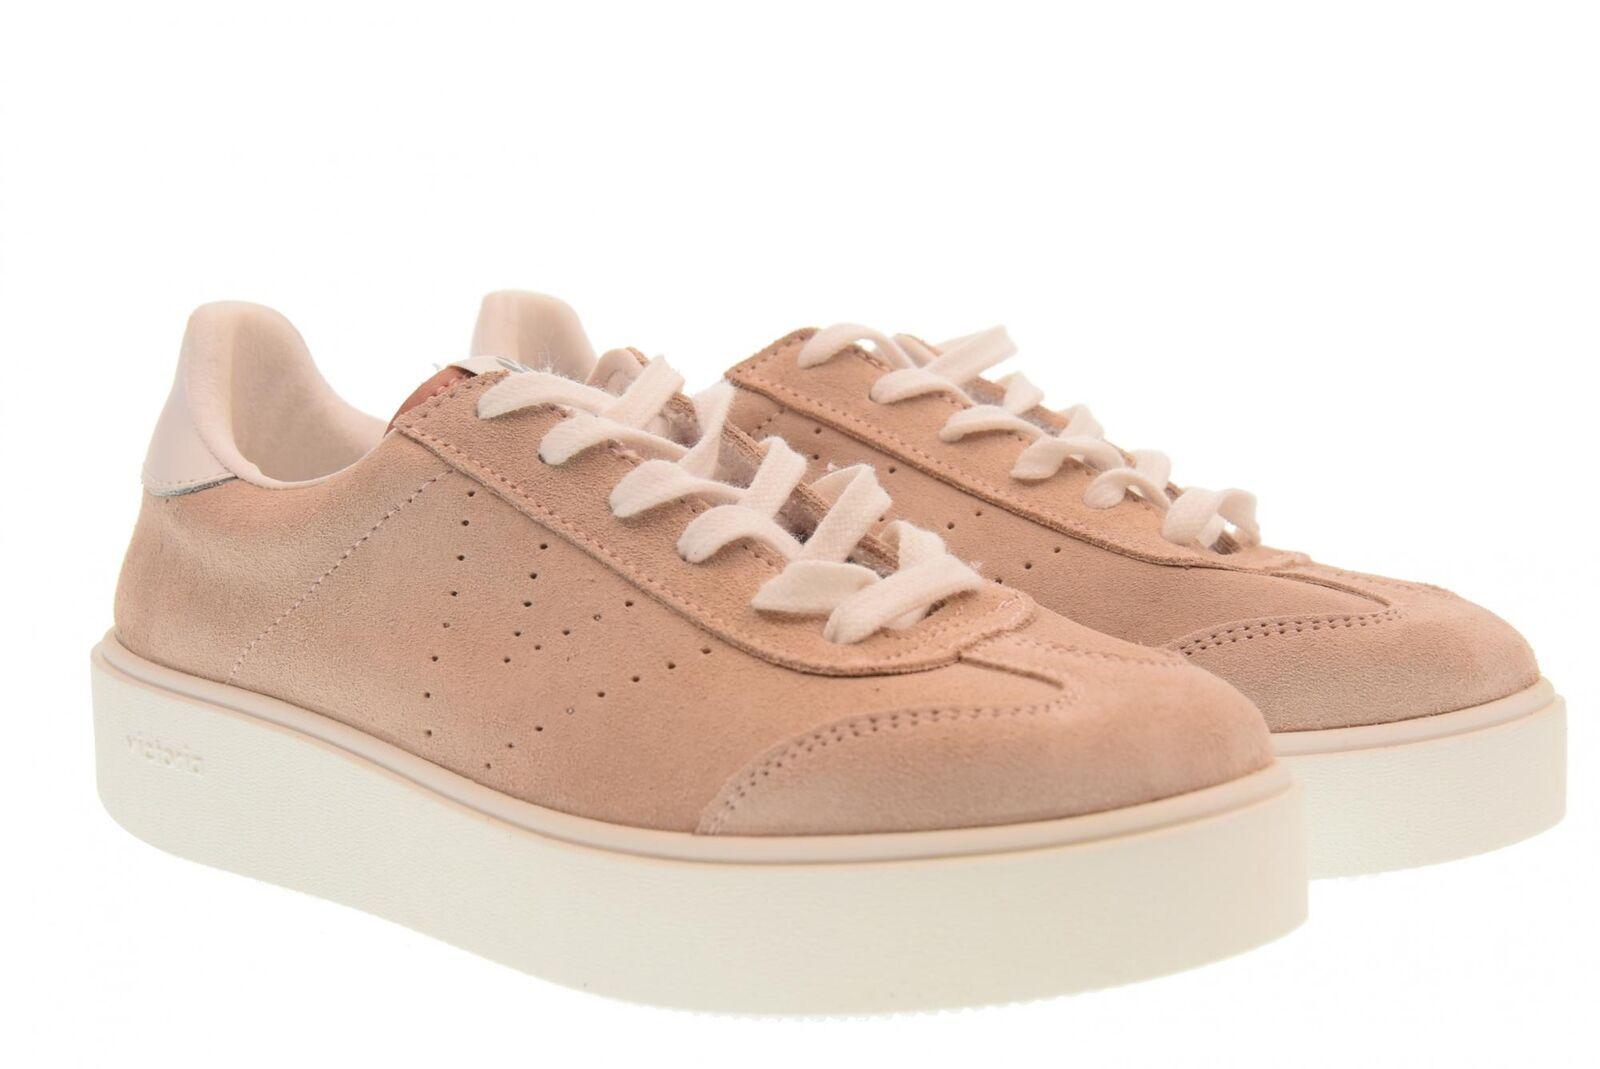 Victoria A18f shoes femme baskets basses avec plateforme 260122 pink